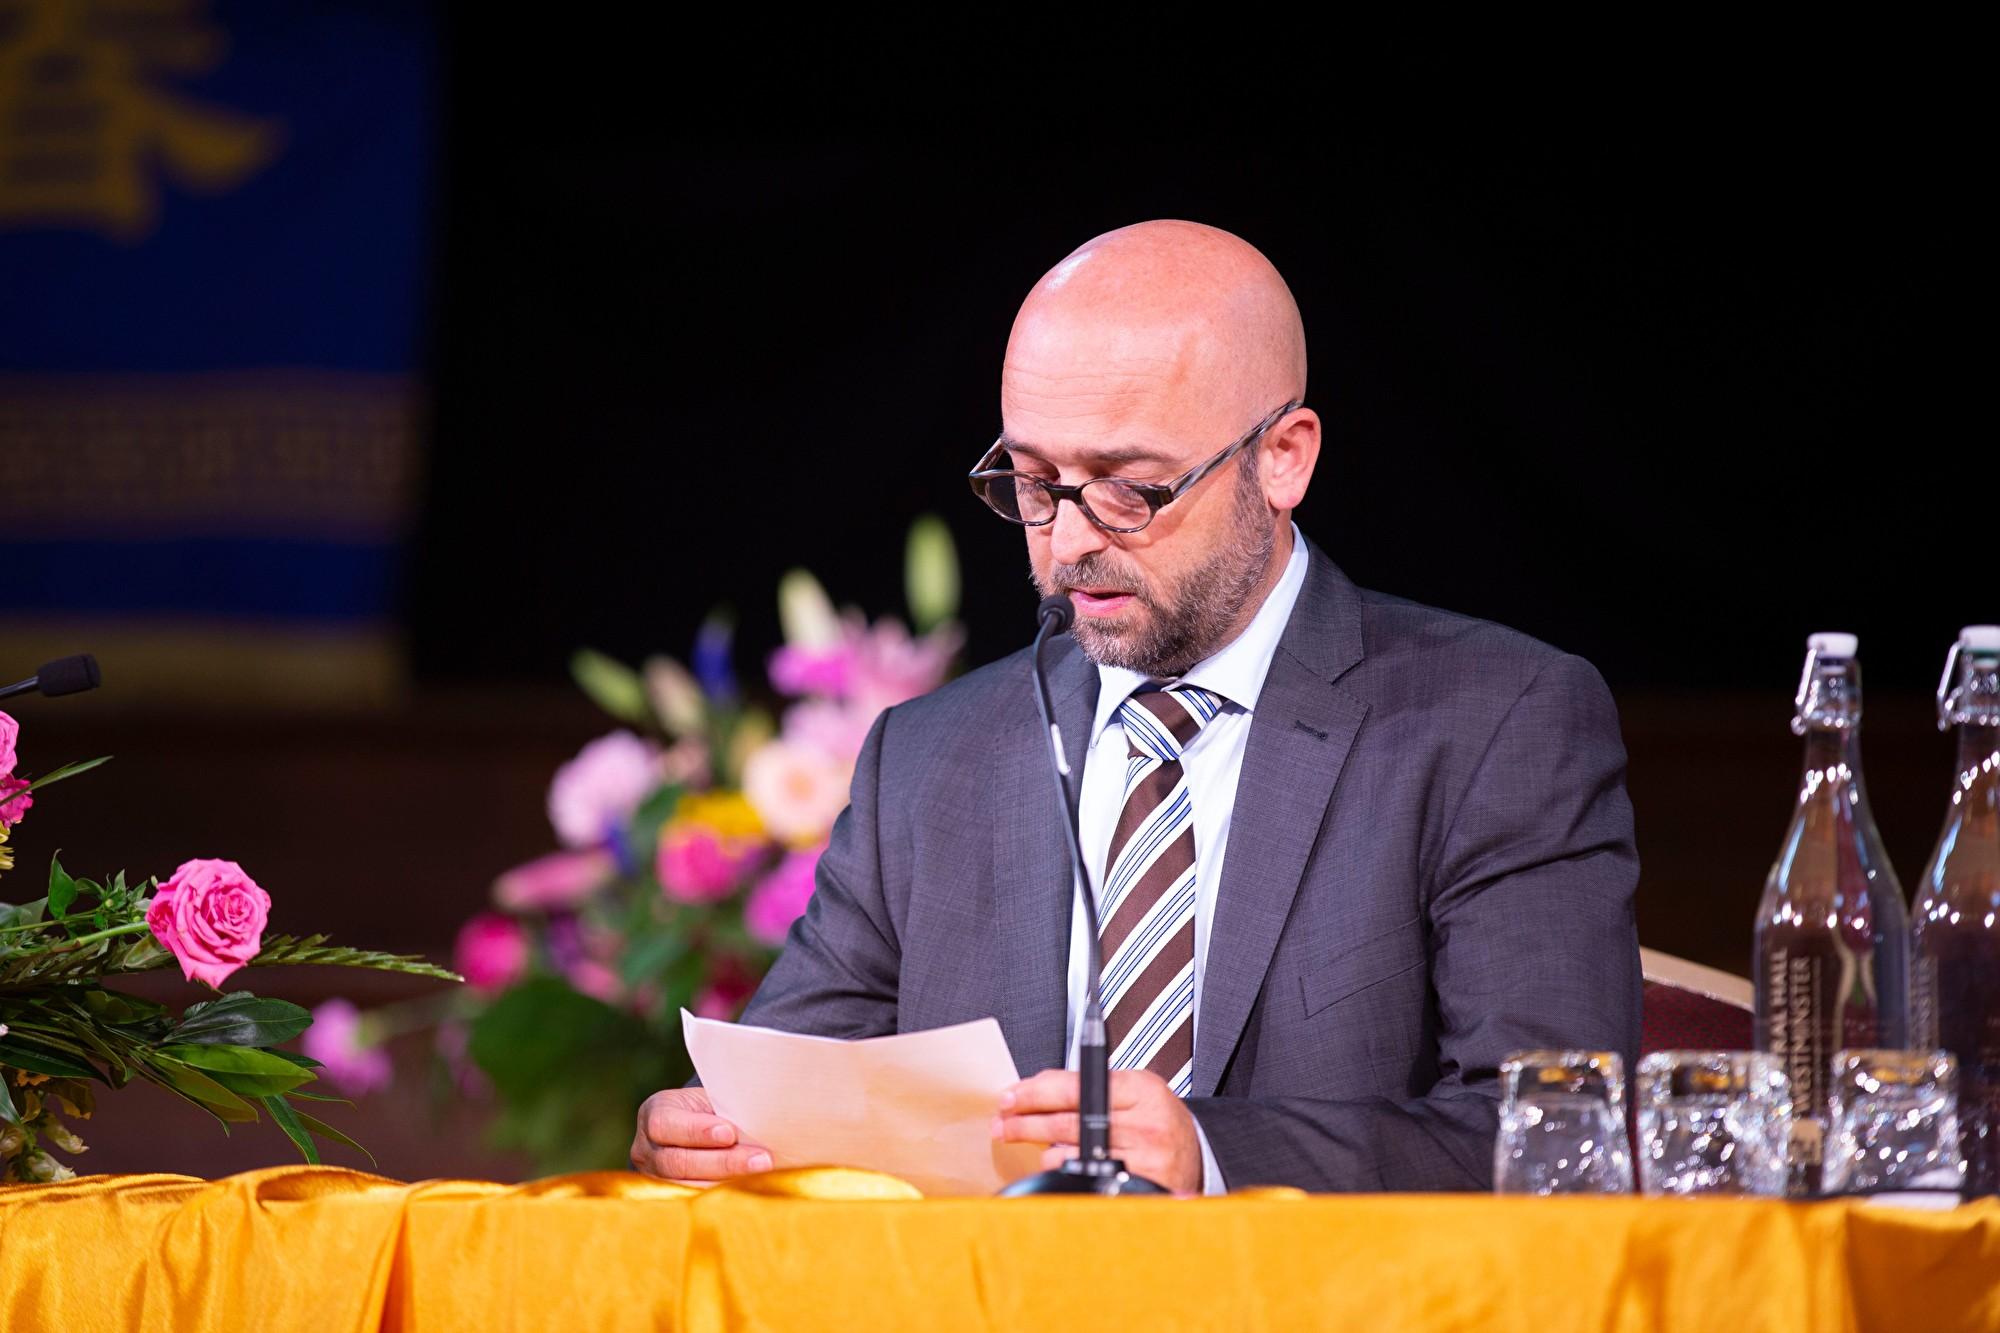 8月31日,來自比利時的馬賽厄斯‧斯洛特斯( Matthias Slaats)在2019年歐洲法輪大法心得交流會上發言。(曉龍/大紀元)